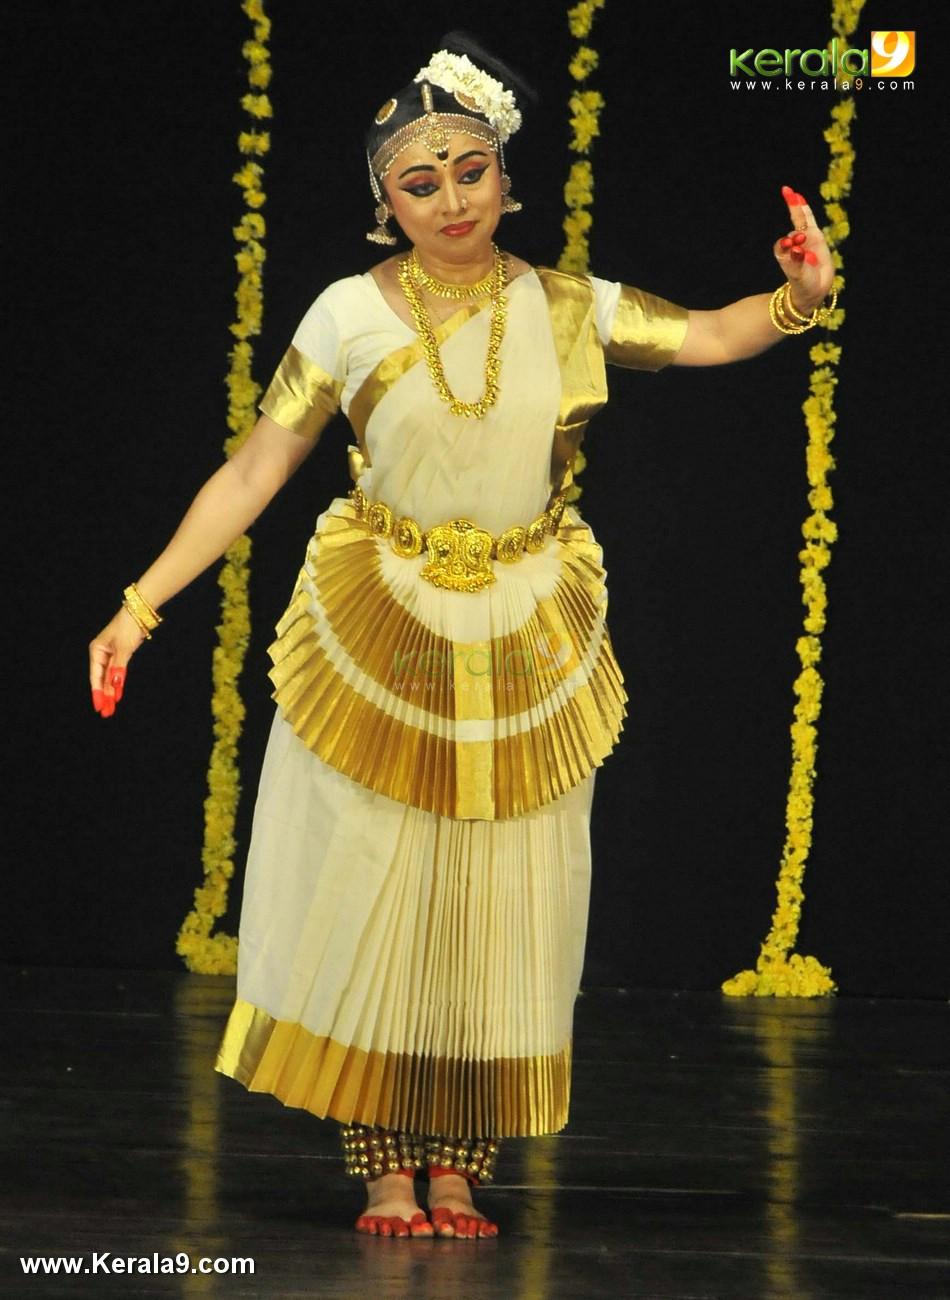 aparna n mohiniyattam dance performance photos 0923 019